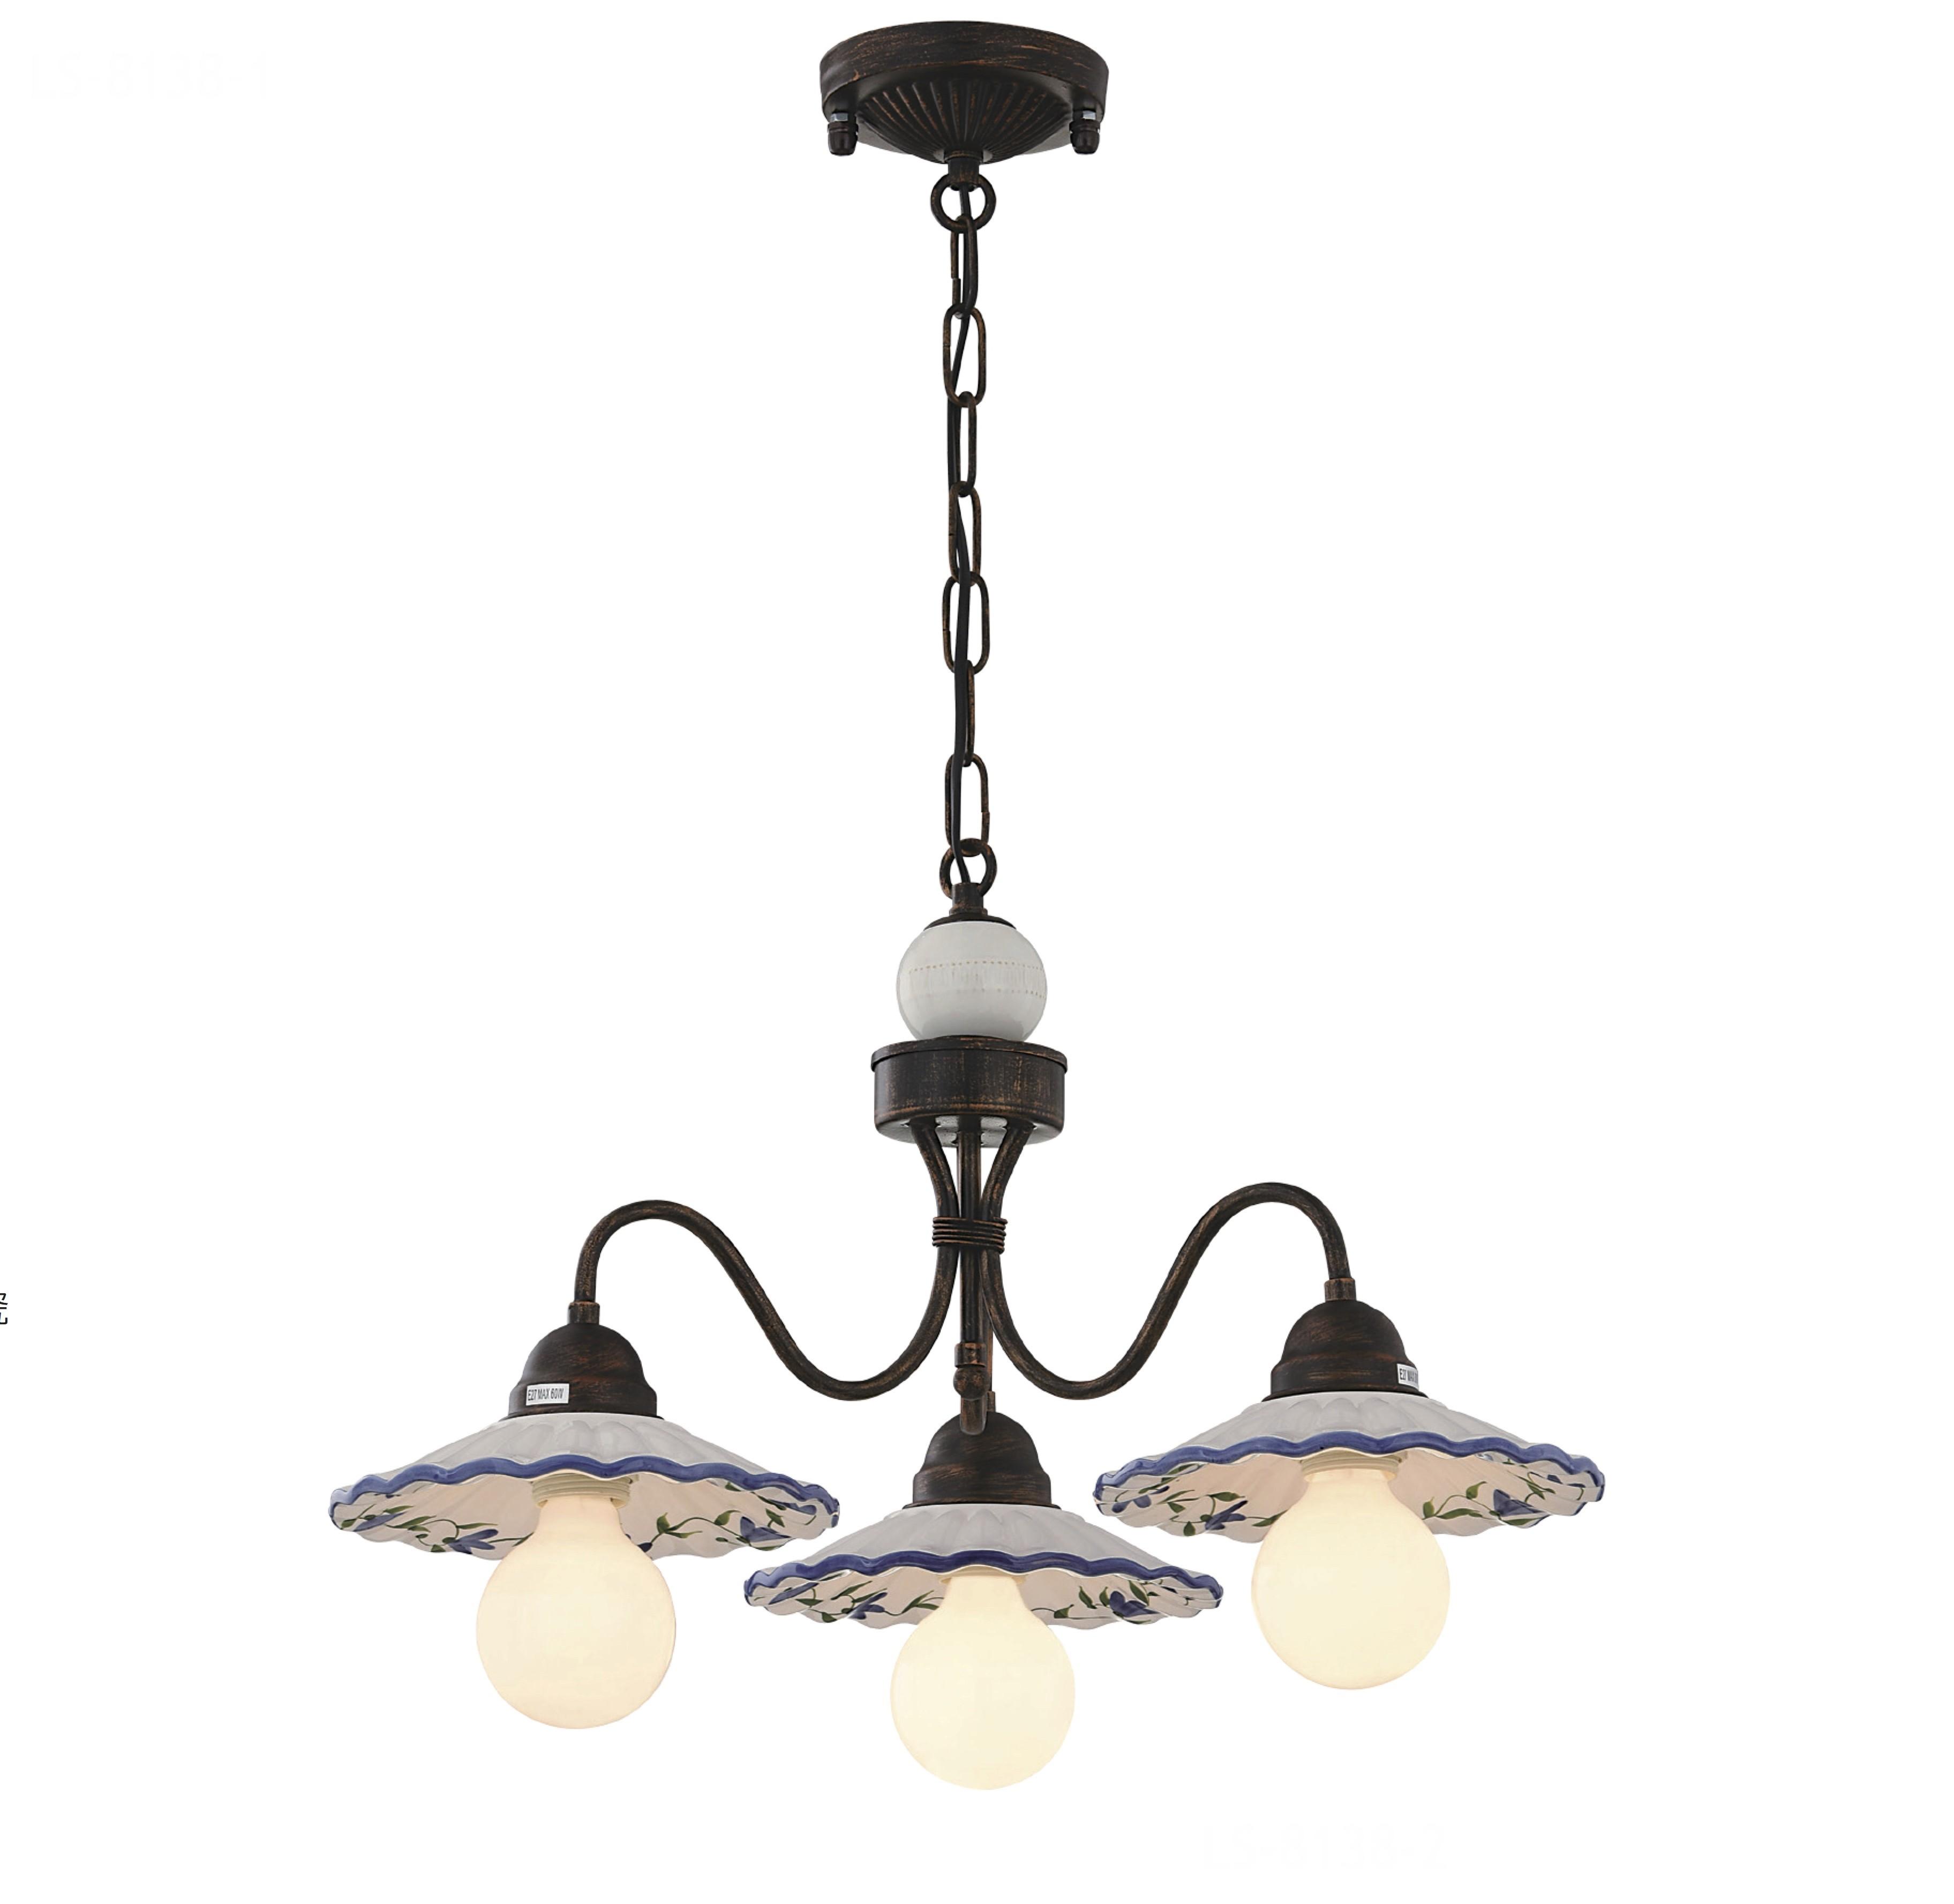 鄉村風陶瓷盤3燈吊燈